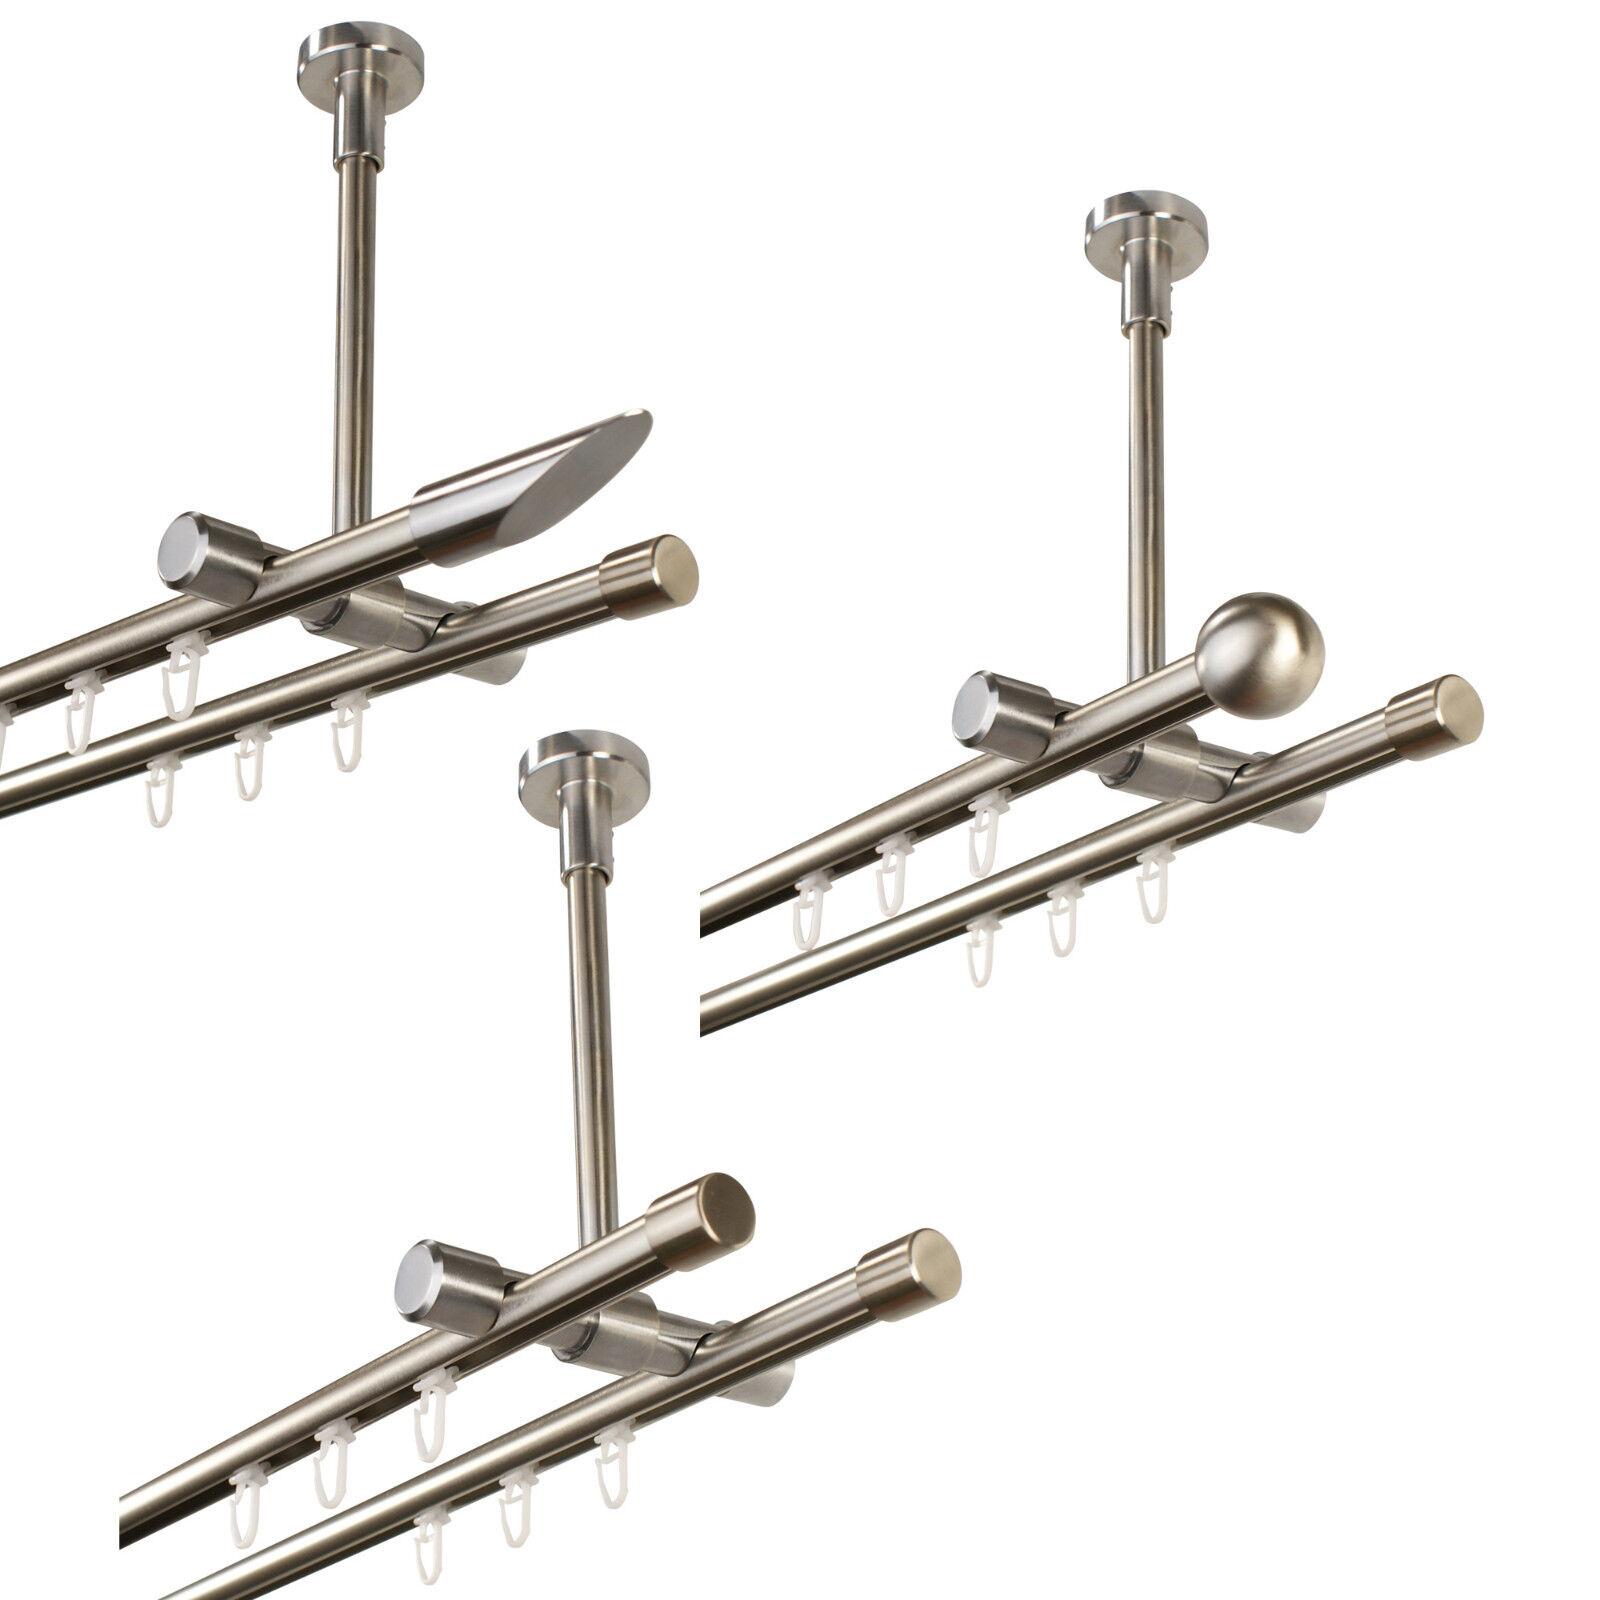 Gardinenstange Innenlauf 2-läufig 16 mm Deckenmontage, Metall in Edelstahl Optik